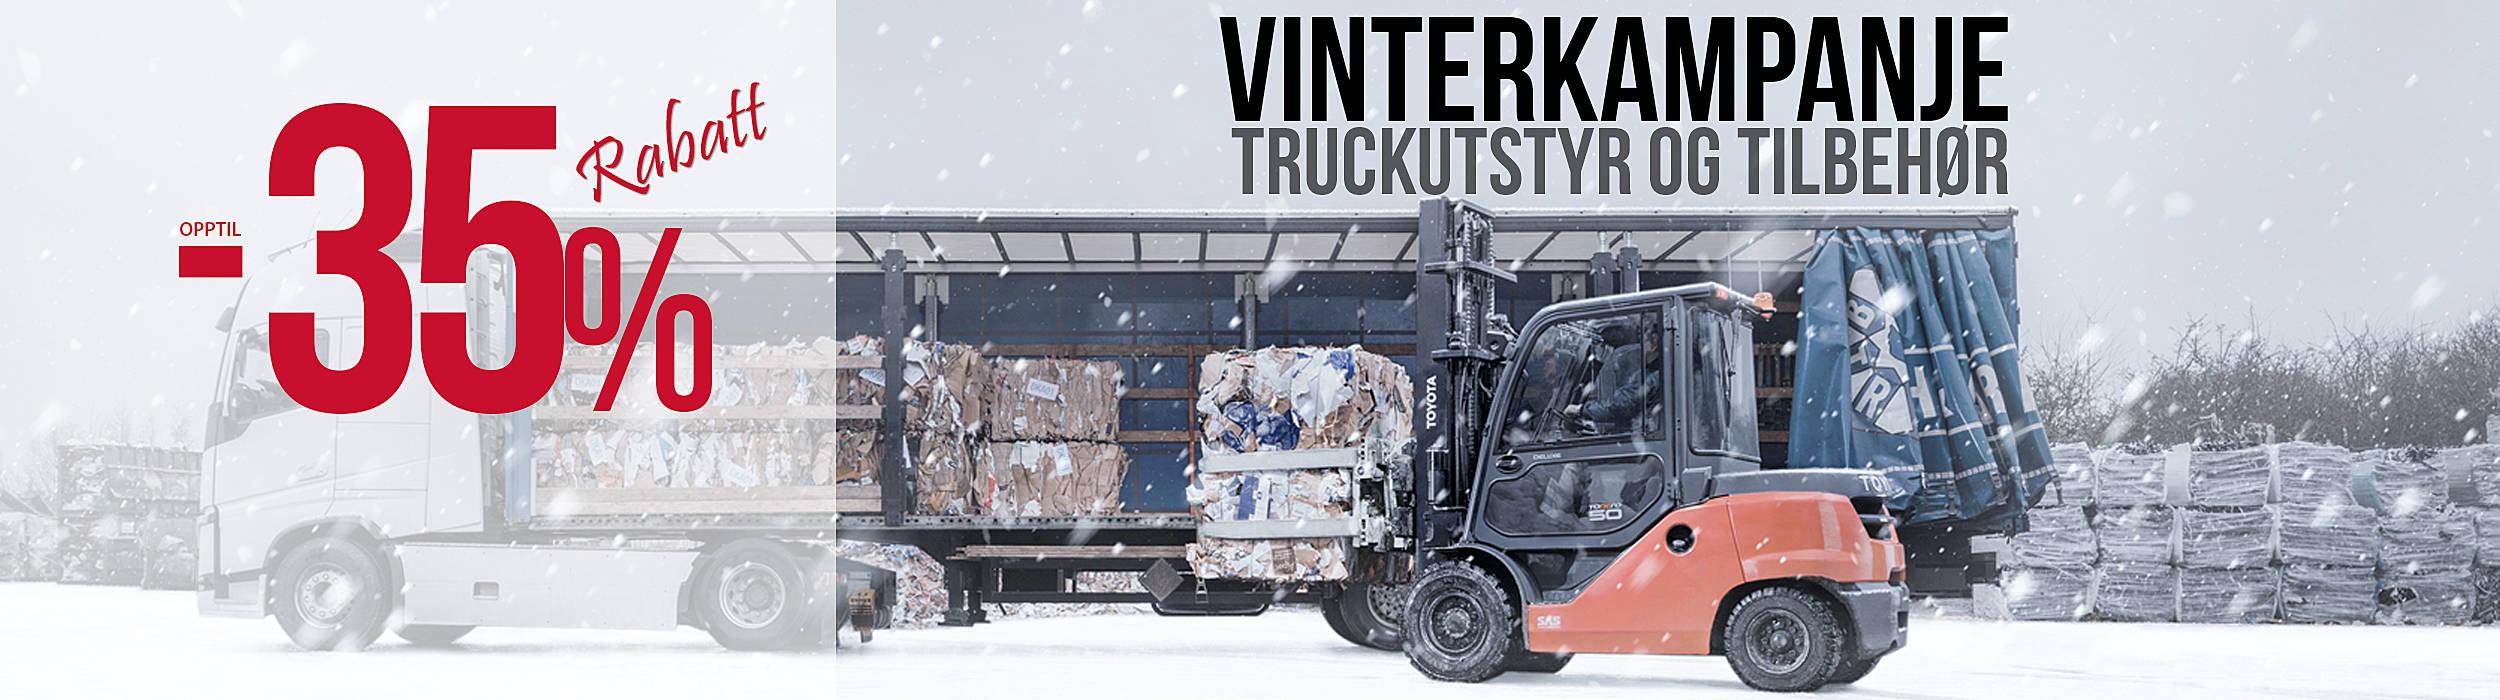 Vinterkampanje truckutstyr og tilbehør